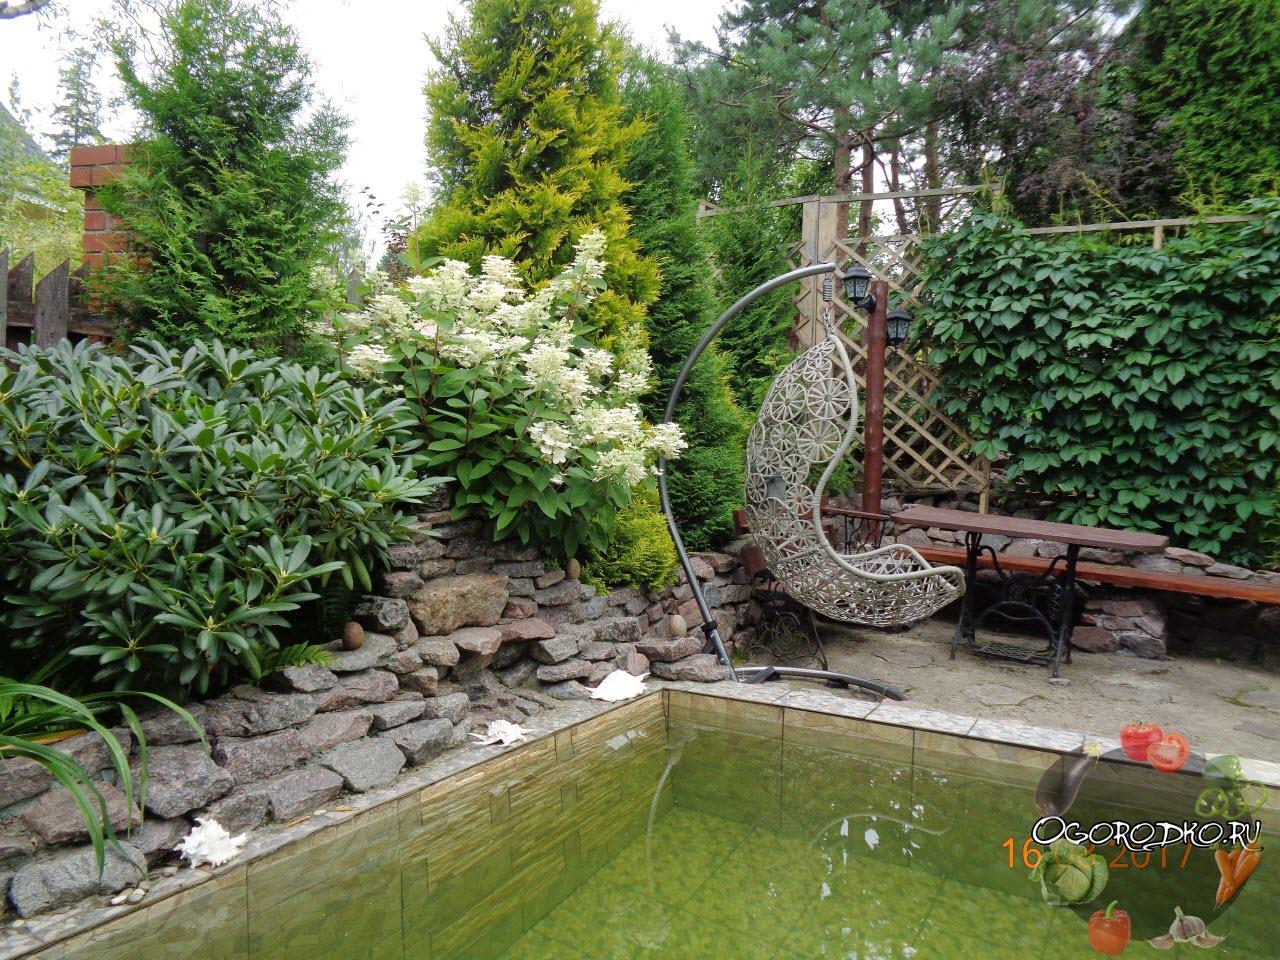 релакс зона на садовом участке